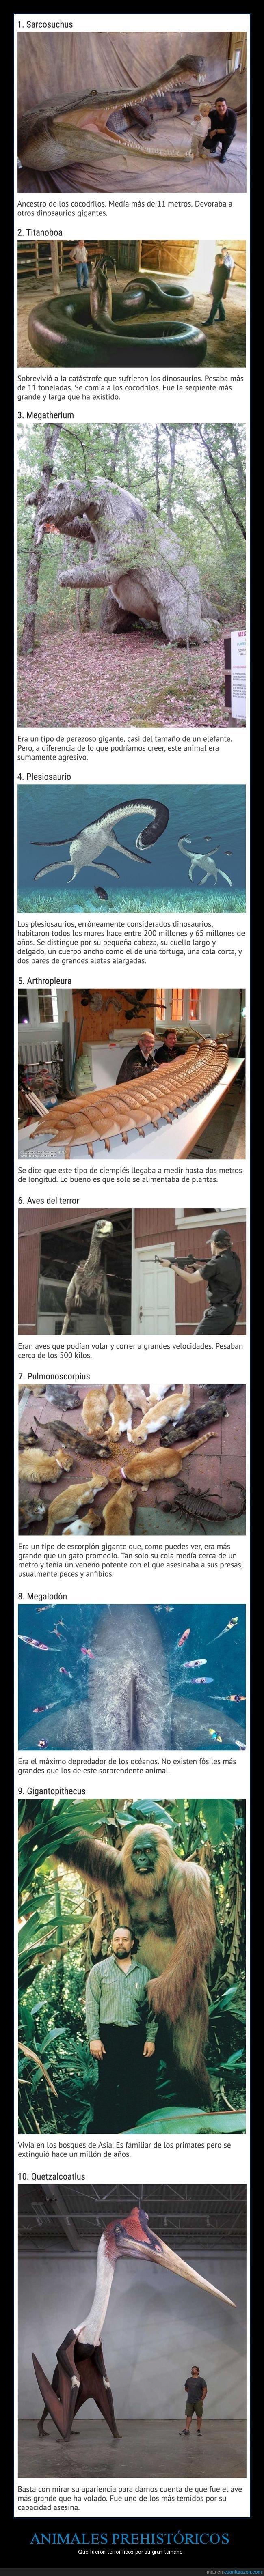 animales,curiosidades,gigantes,prehistóricos